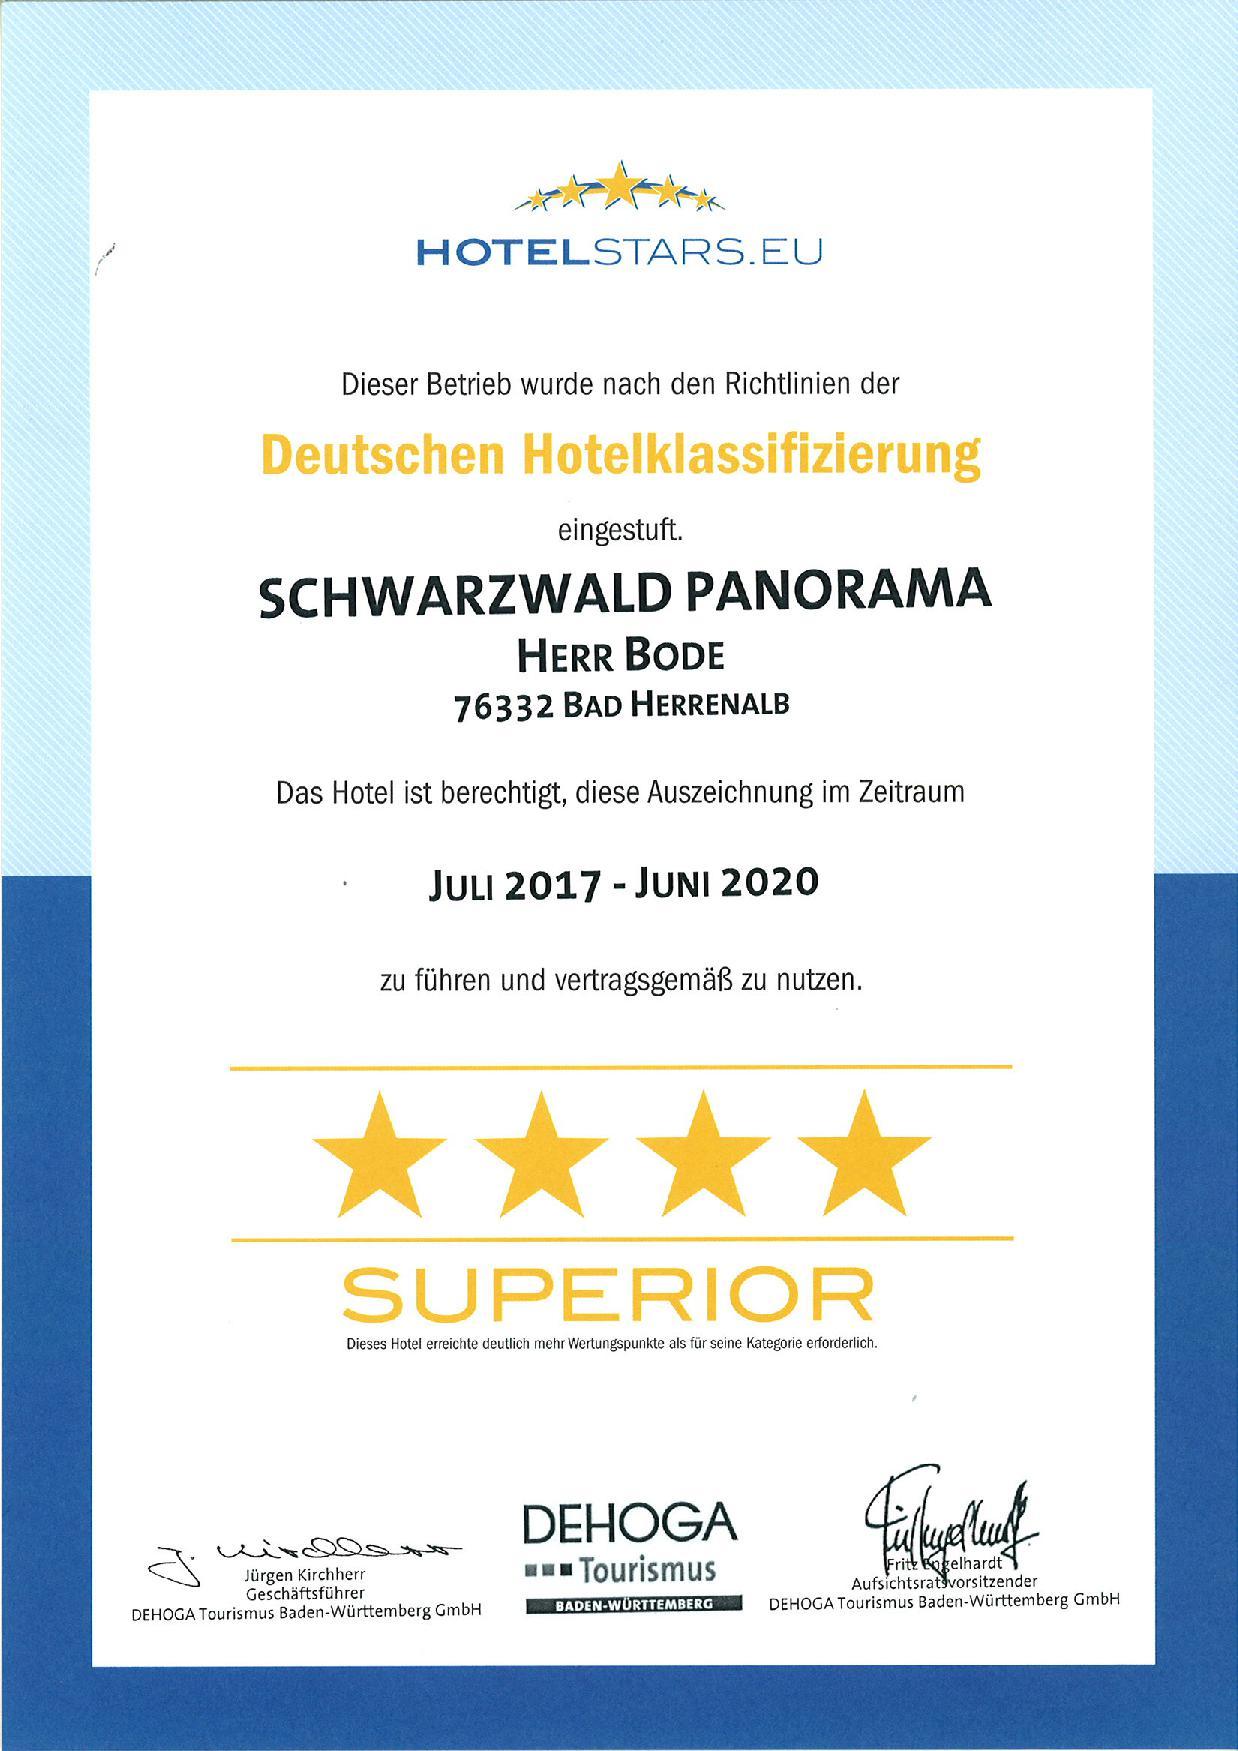 DEHOGA Zertifikat 2017 bis 2020 Deutsche Hotelklassifizierung für Schwarzwald Panorama